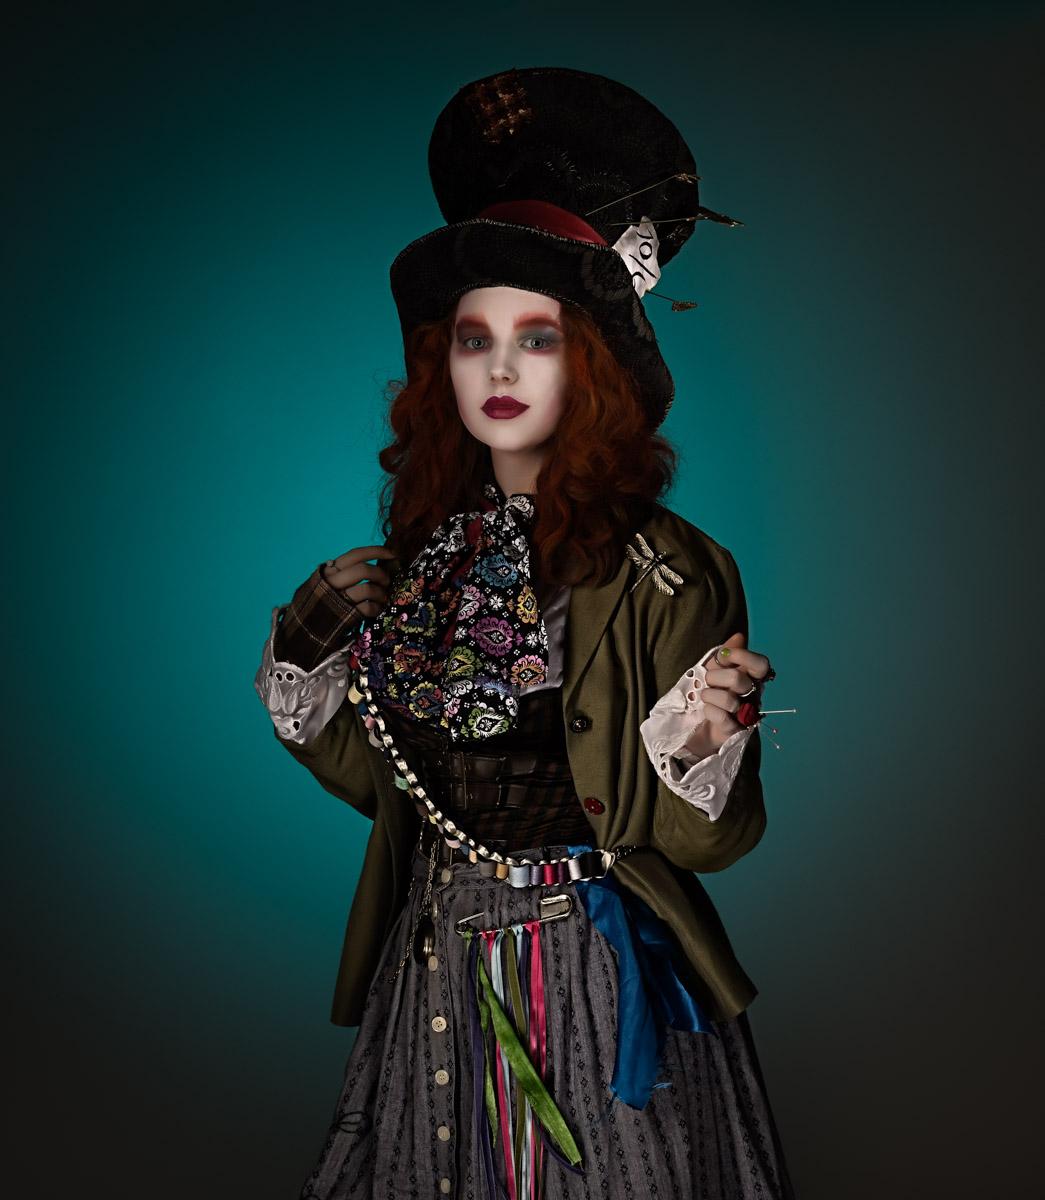 Susan Onysko_(ColorsofCosplay)_MadHatter.jpg